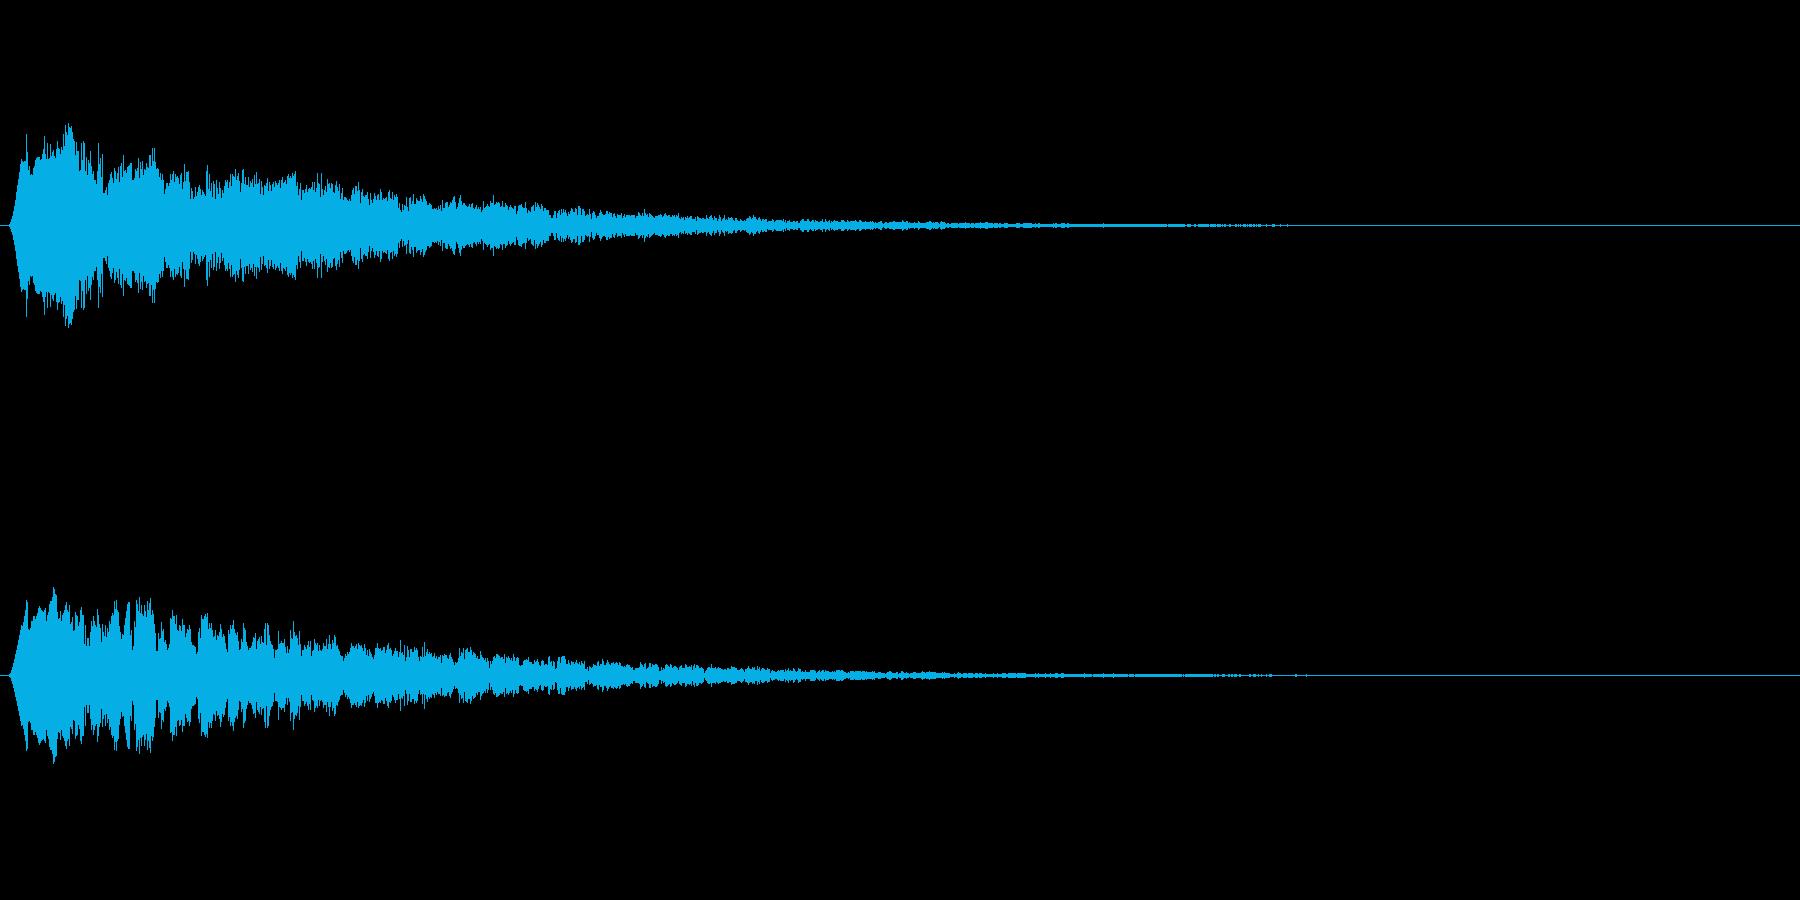 流れ星の音 ピュルルルの再生済みの波形